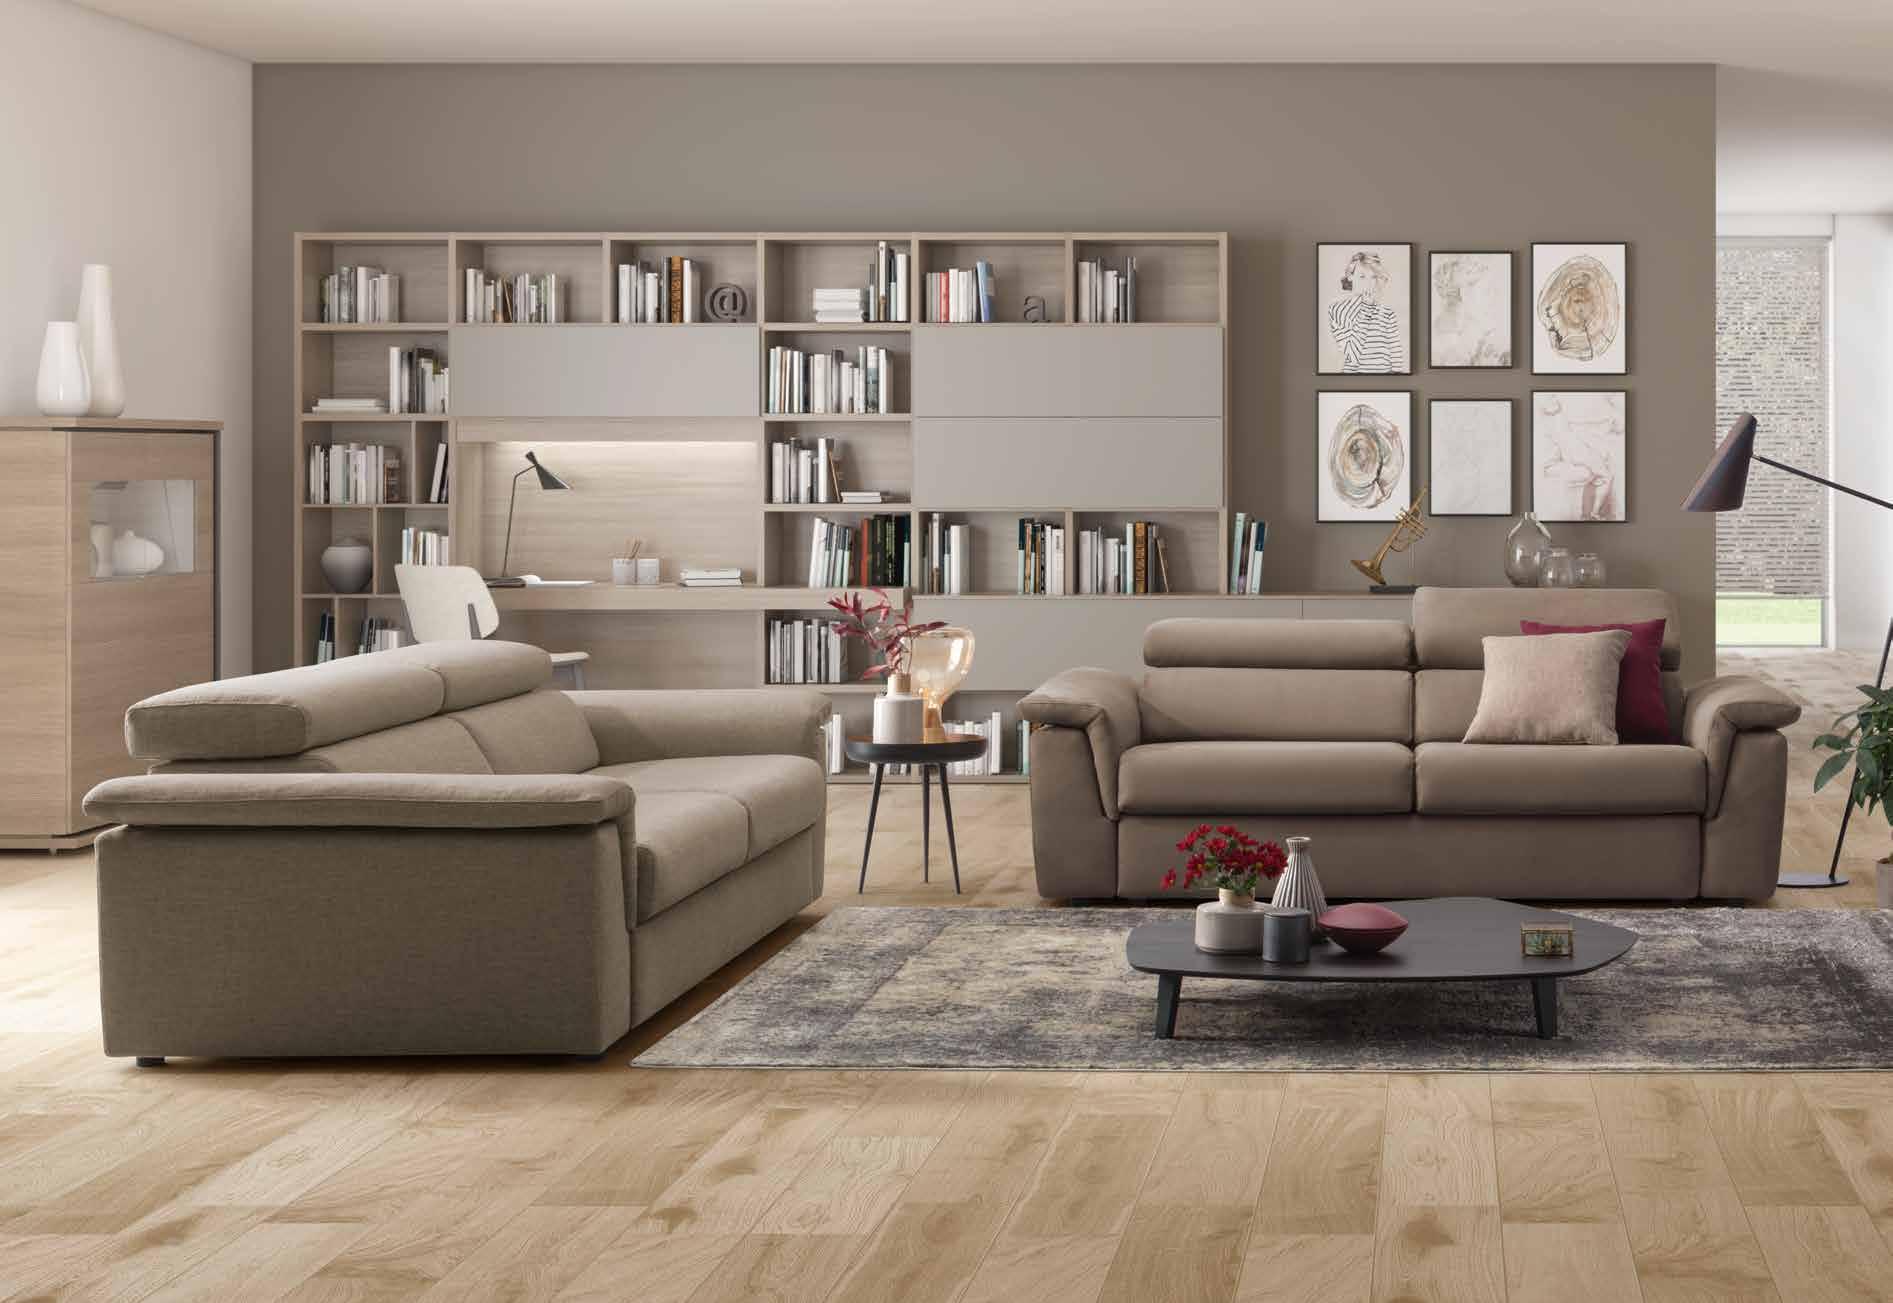 Arredare Mensole Soggiorno come arredare un soggiorno moderno?